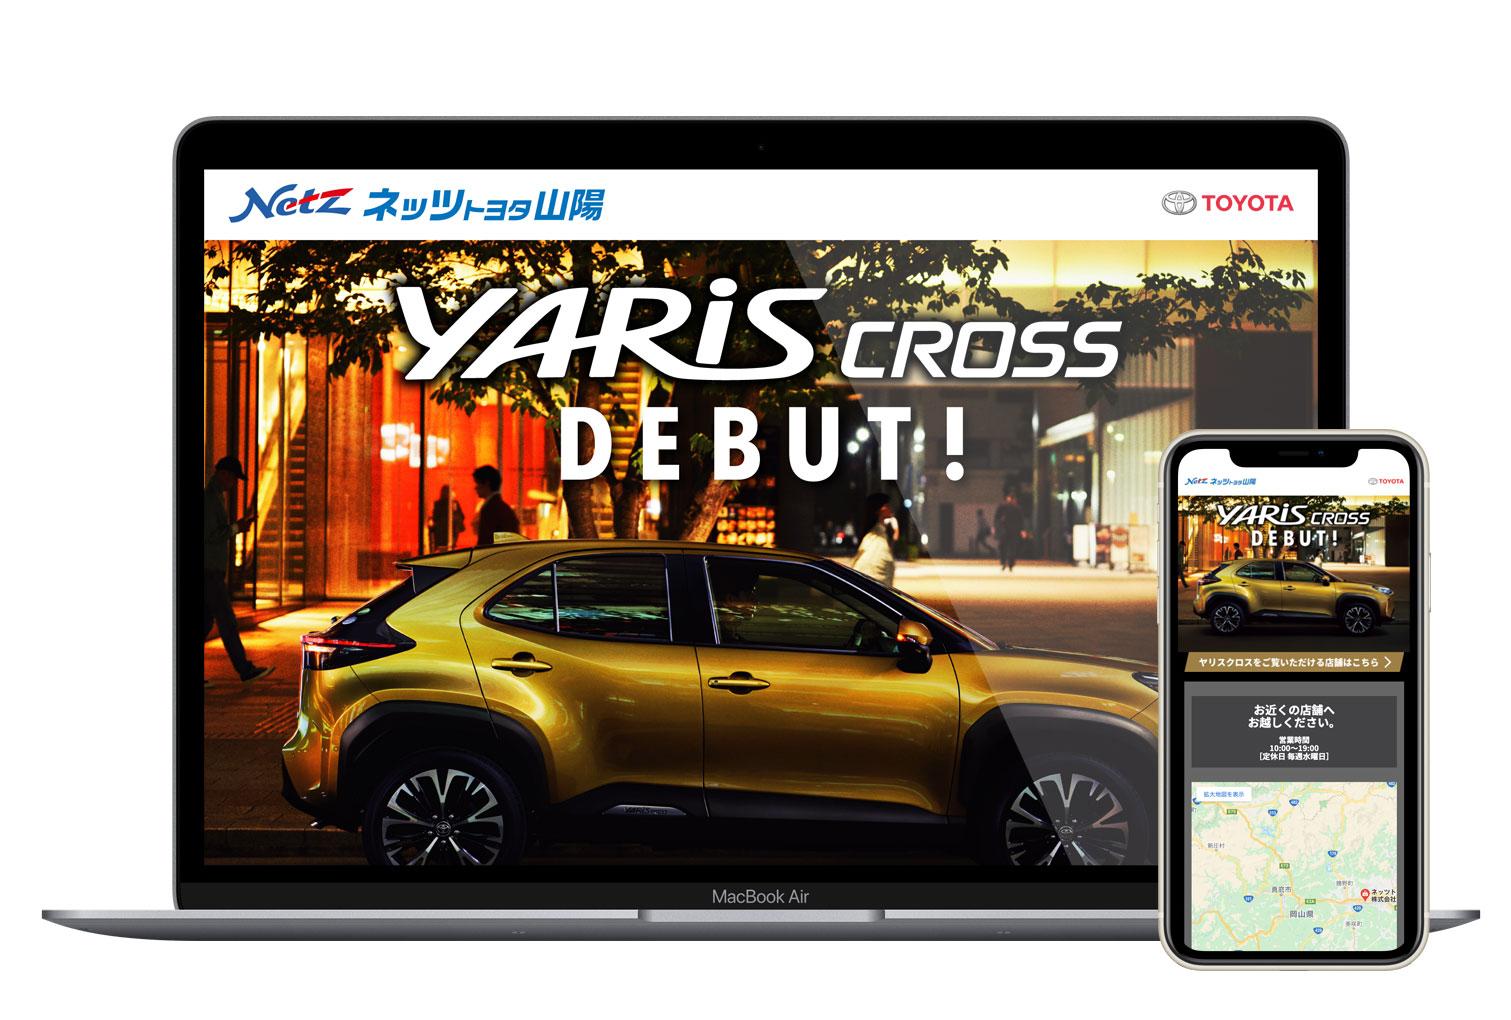 ネッツトヨタ山陽株式会社様 YARIS CROSS Debut! LP・Web広告